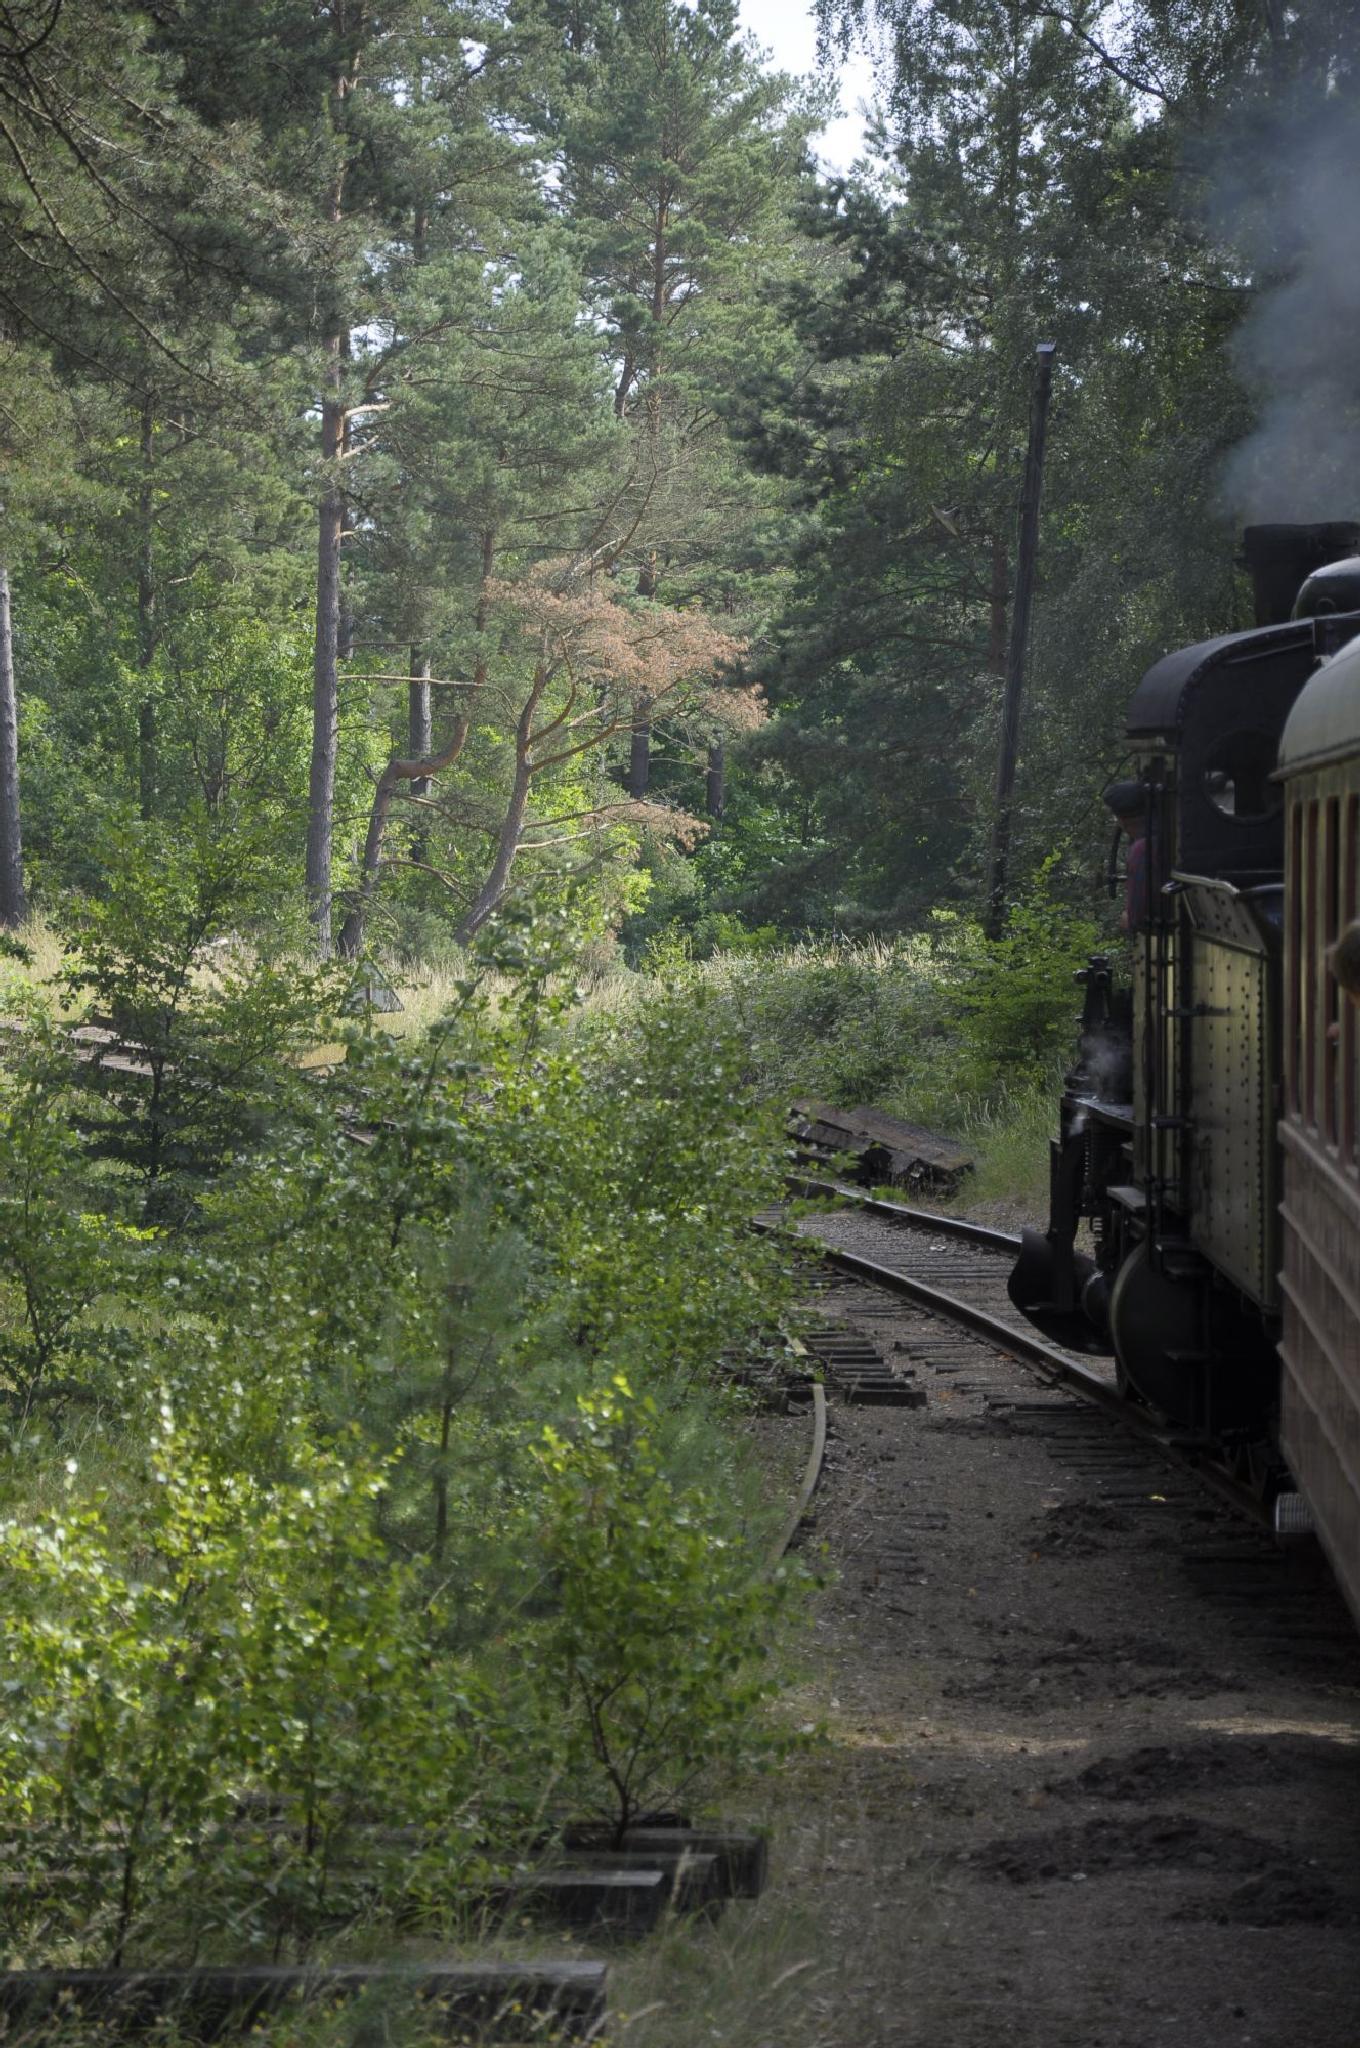 Railway by Swejonaz